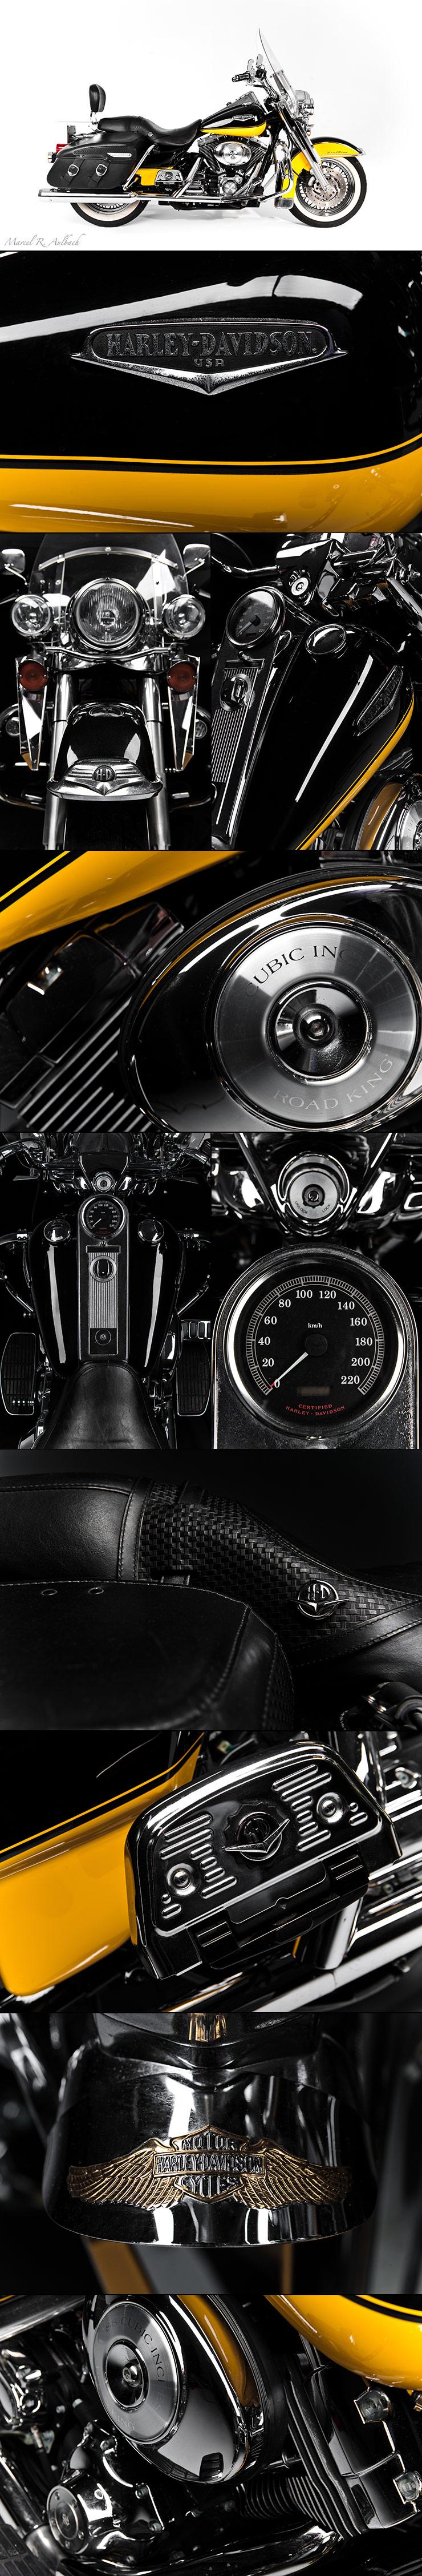 Harley Davidson, schwarz/gelb